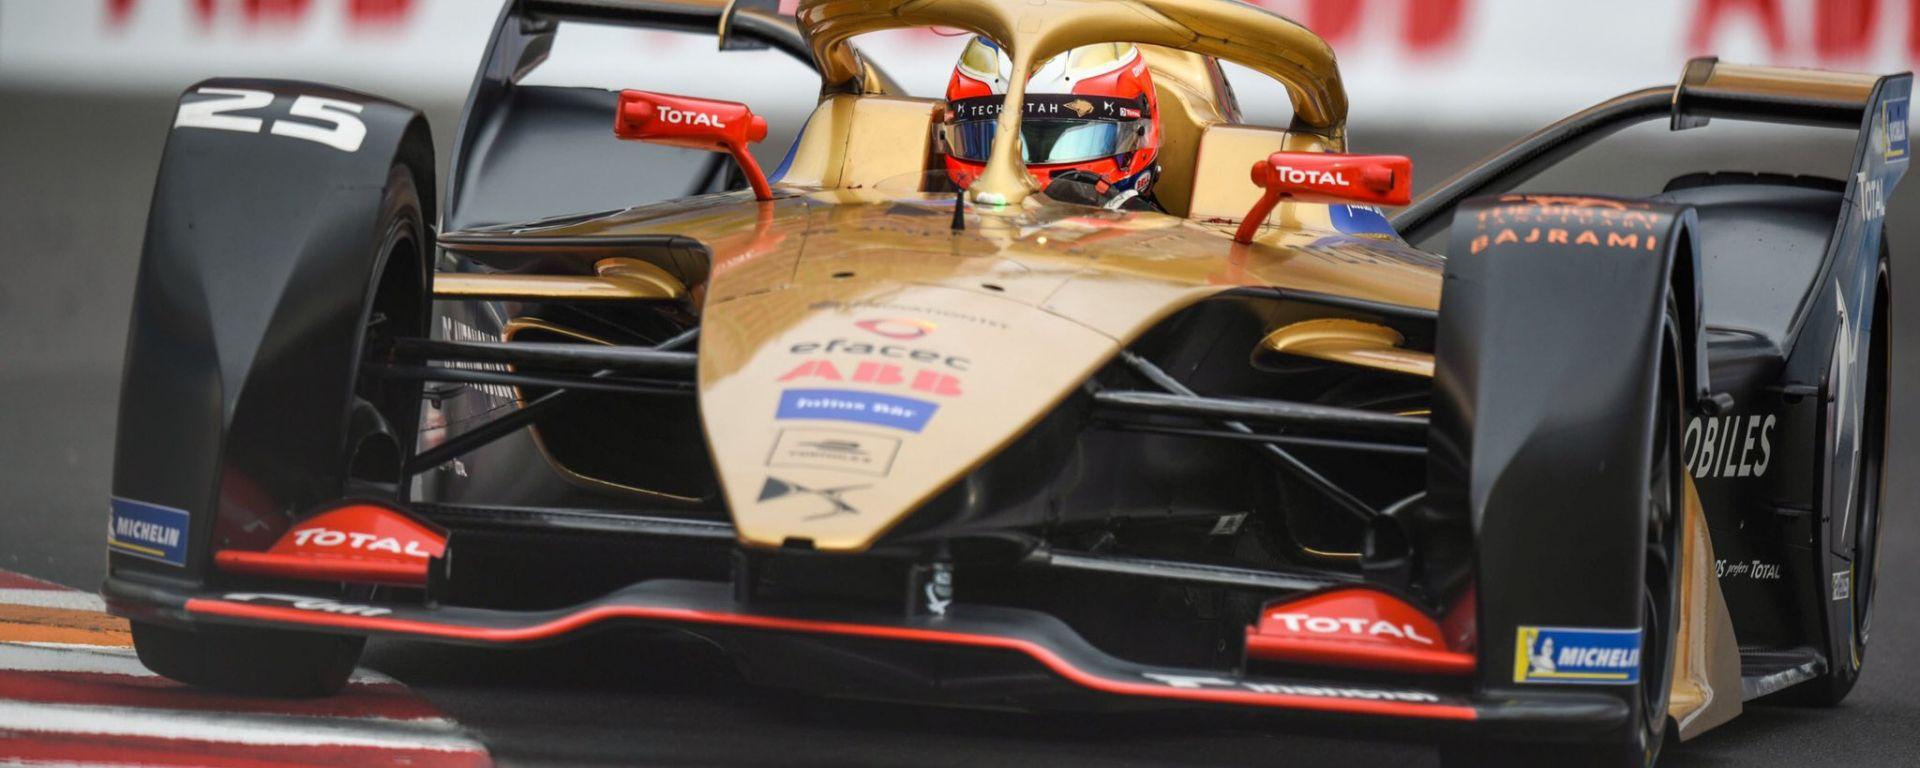 ePrix Monaco 2019, sarà Vergne a partire dalla pole position